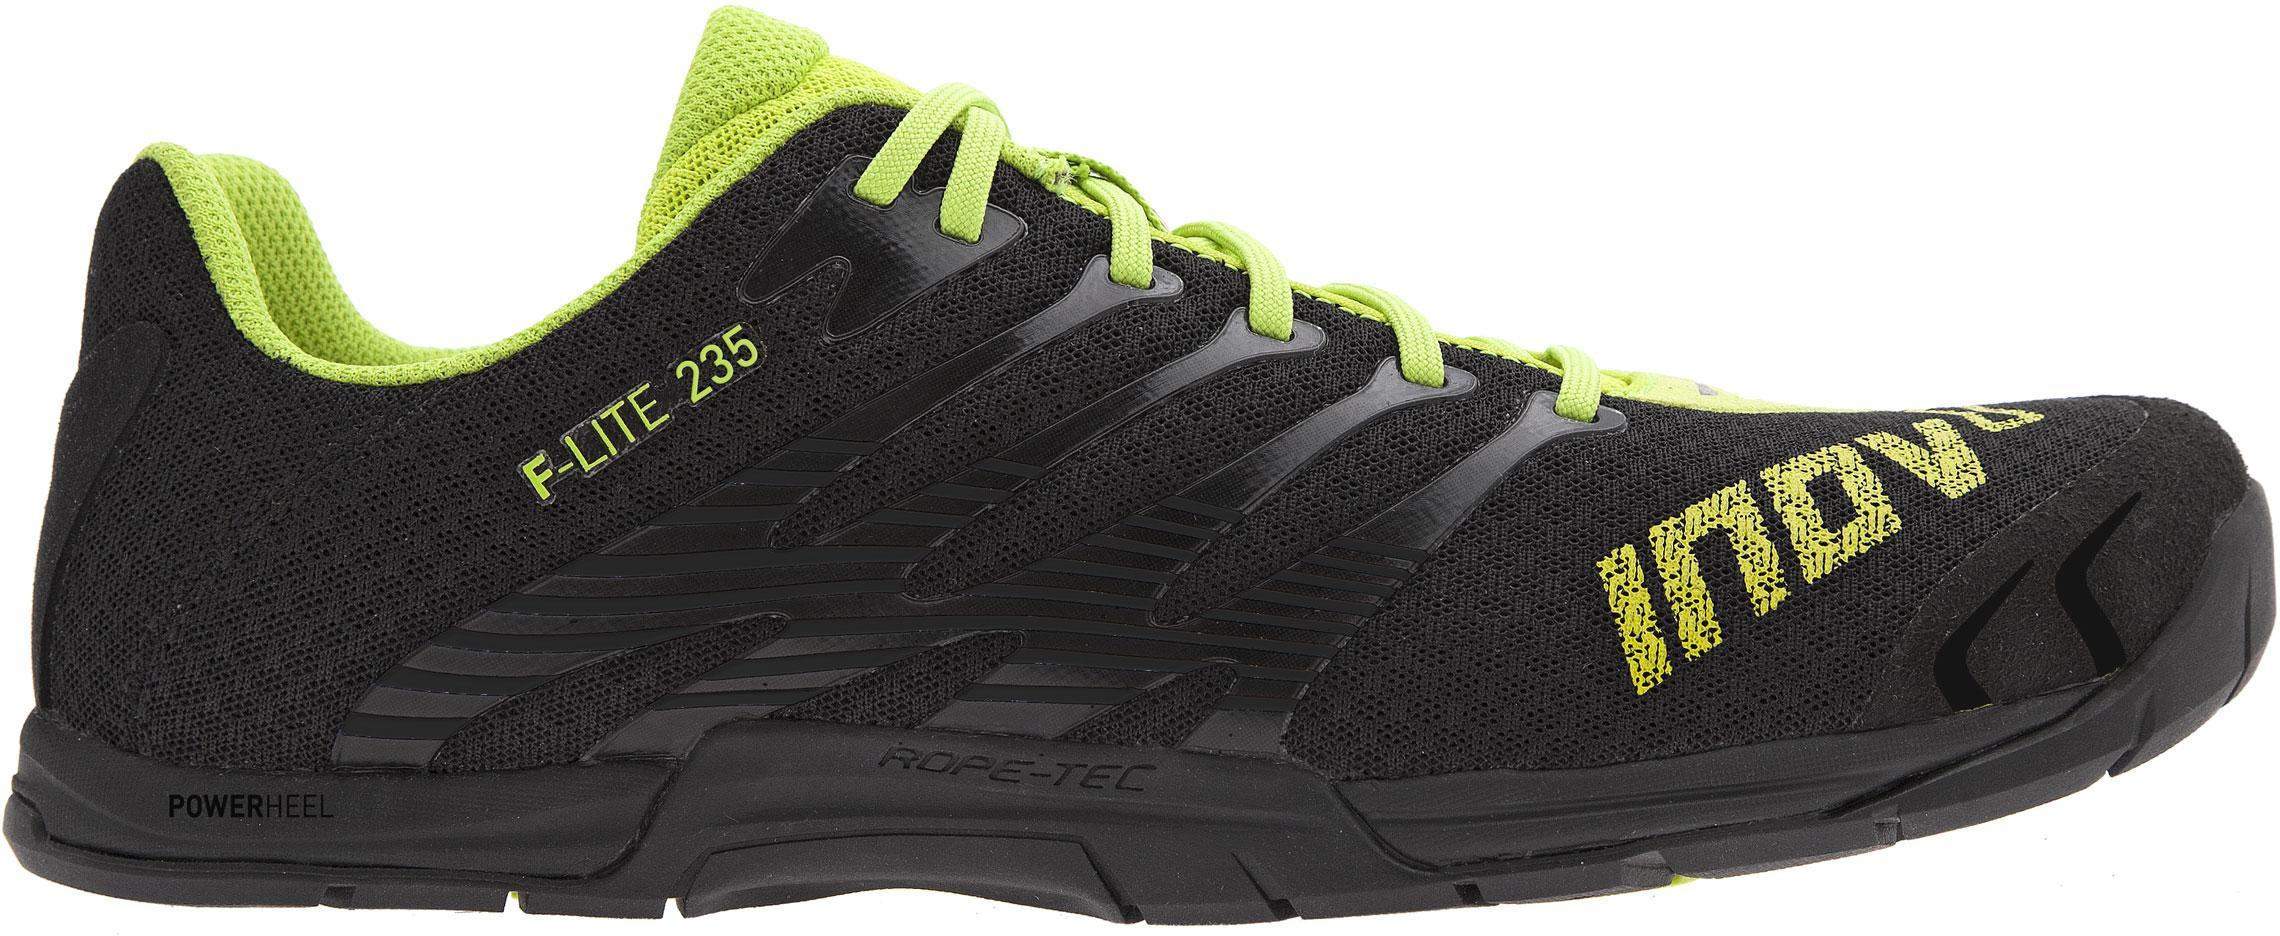 735c87c754d Běžecké boty INOV-8 F-LITE 235 black neon yellow